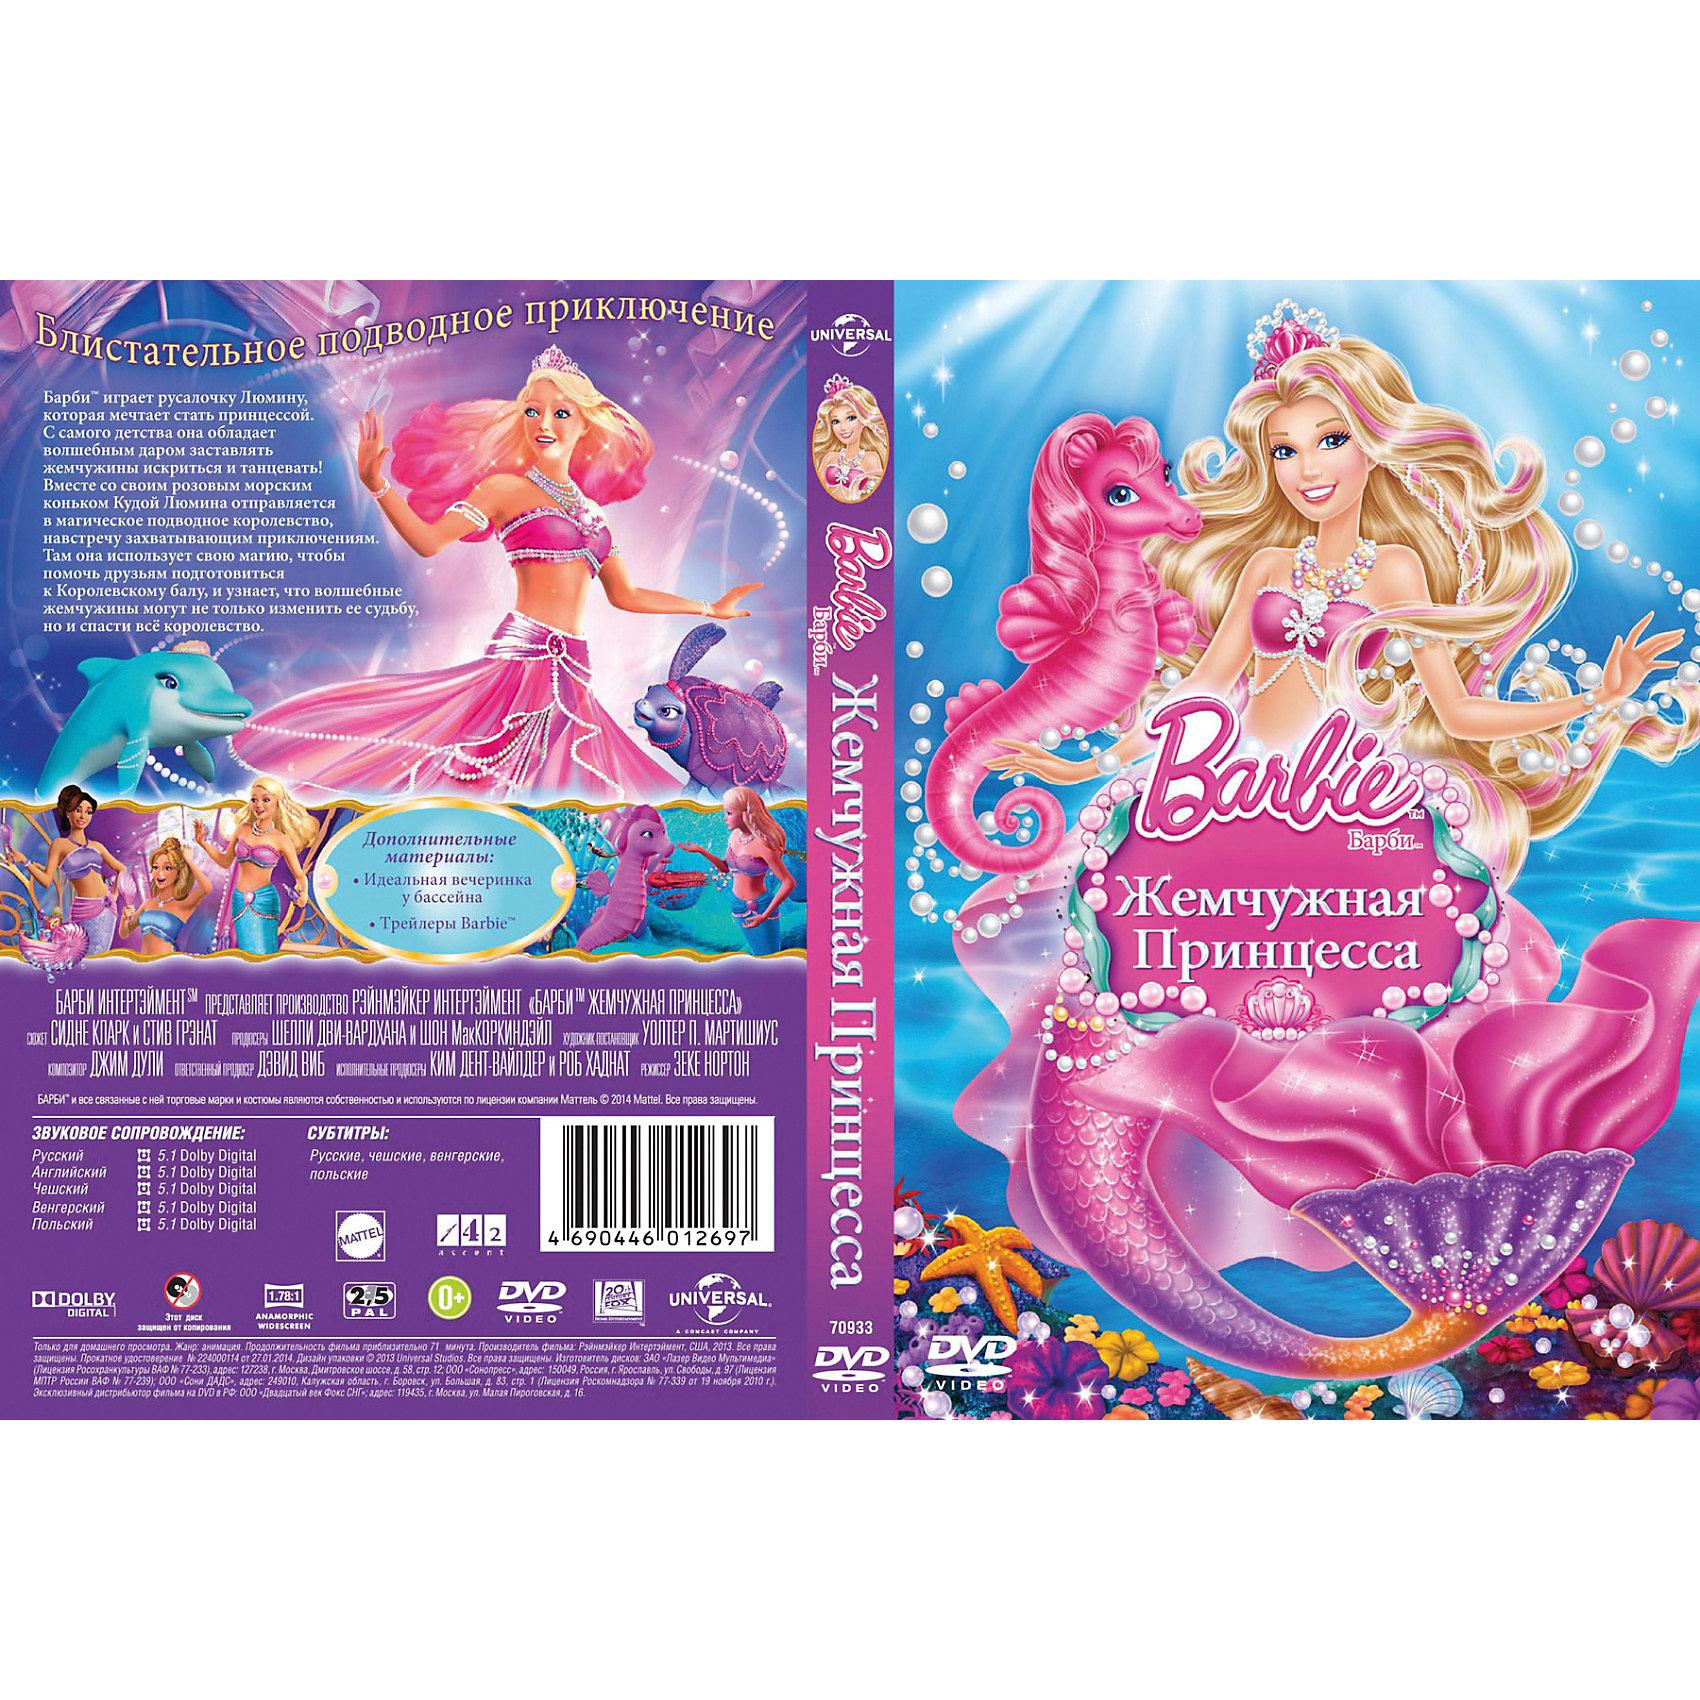 Новый Диск DVD Барби: Жемчужная принцесса, Barbie диск dvd пэн путешествие в нетландию